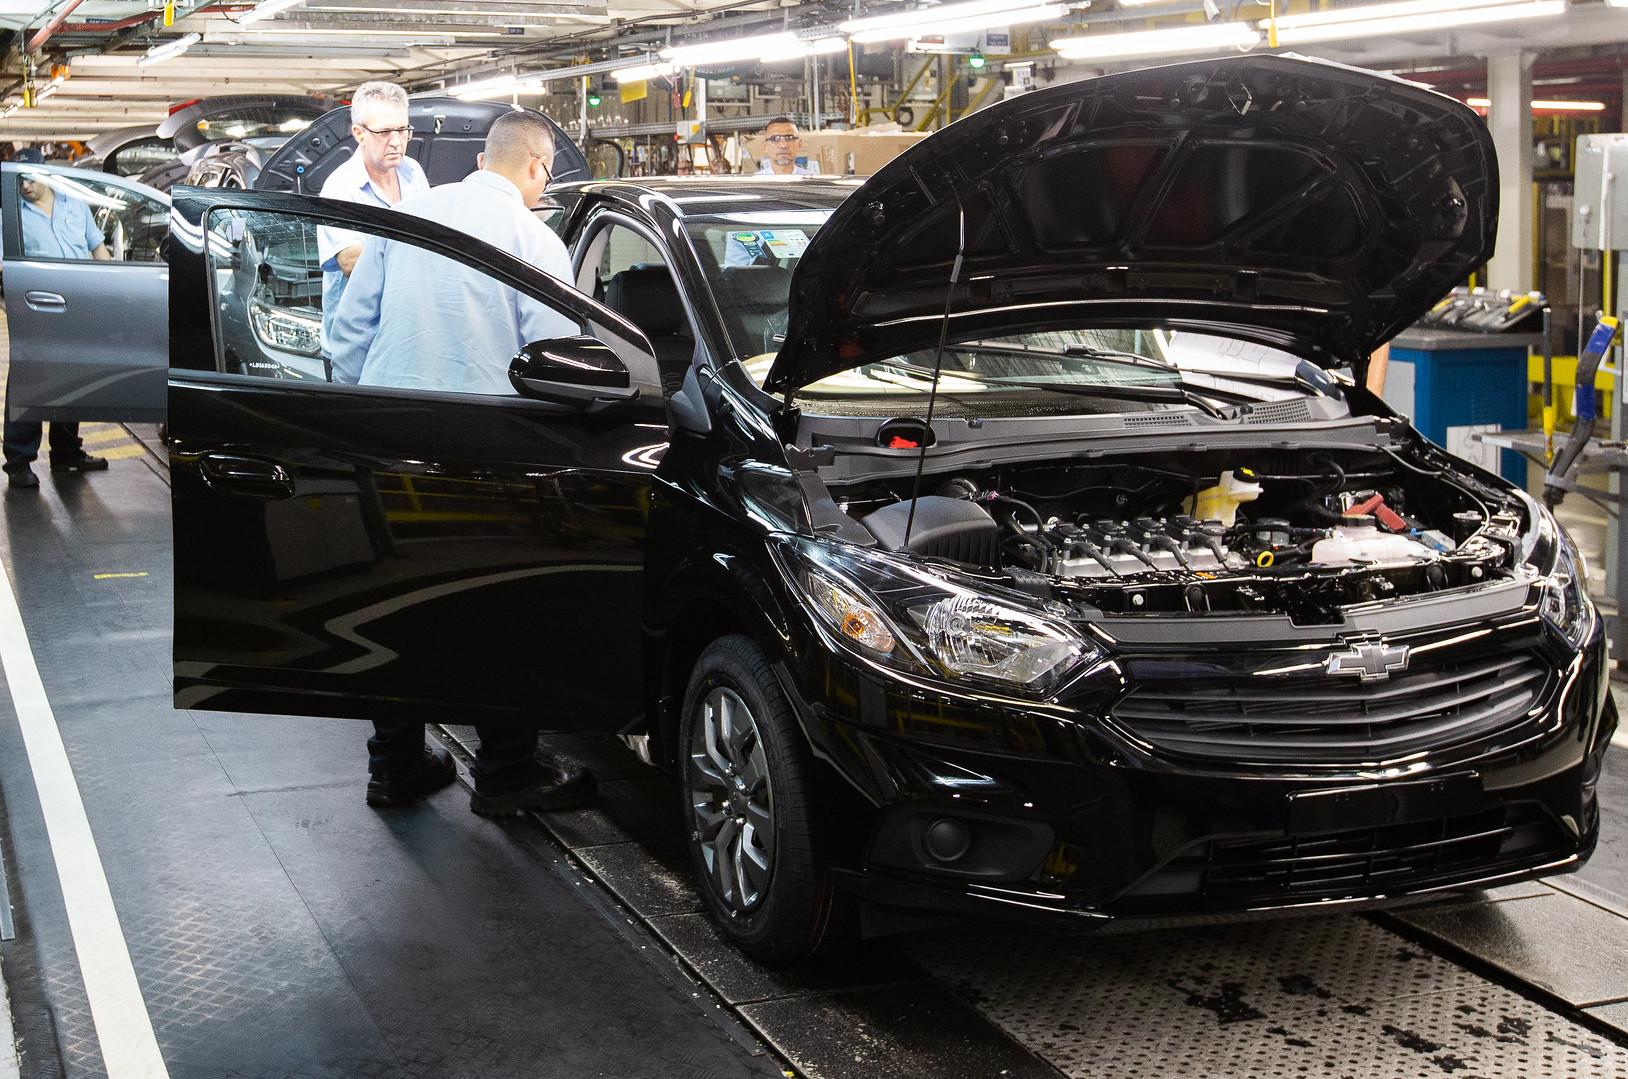 Узбекский автопроизводитель Ravon намерен выпустить конкурента Lada